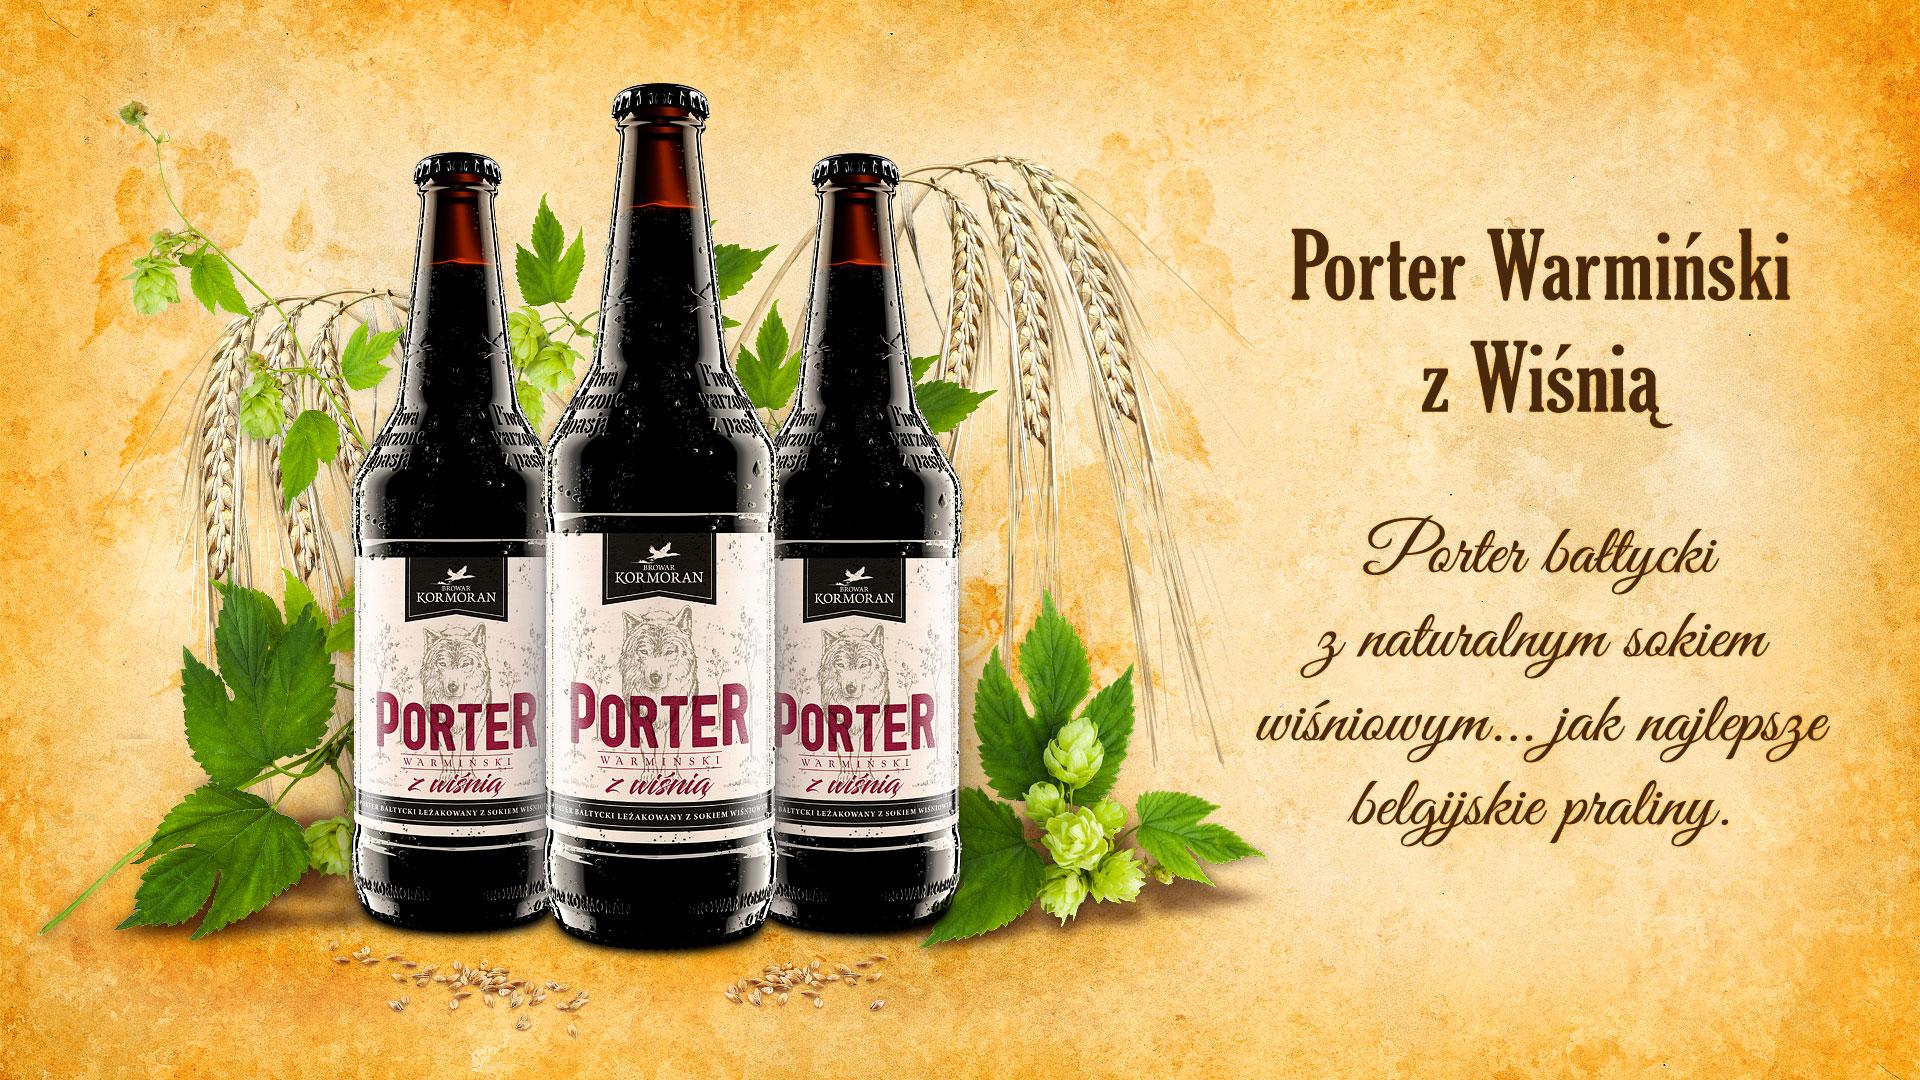 Piwo Porter Warmiński z Wiśnią - Browar Kormoran